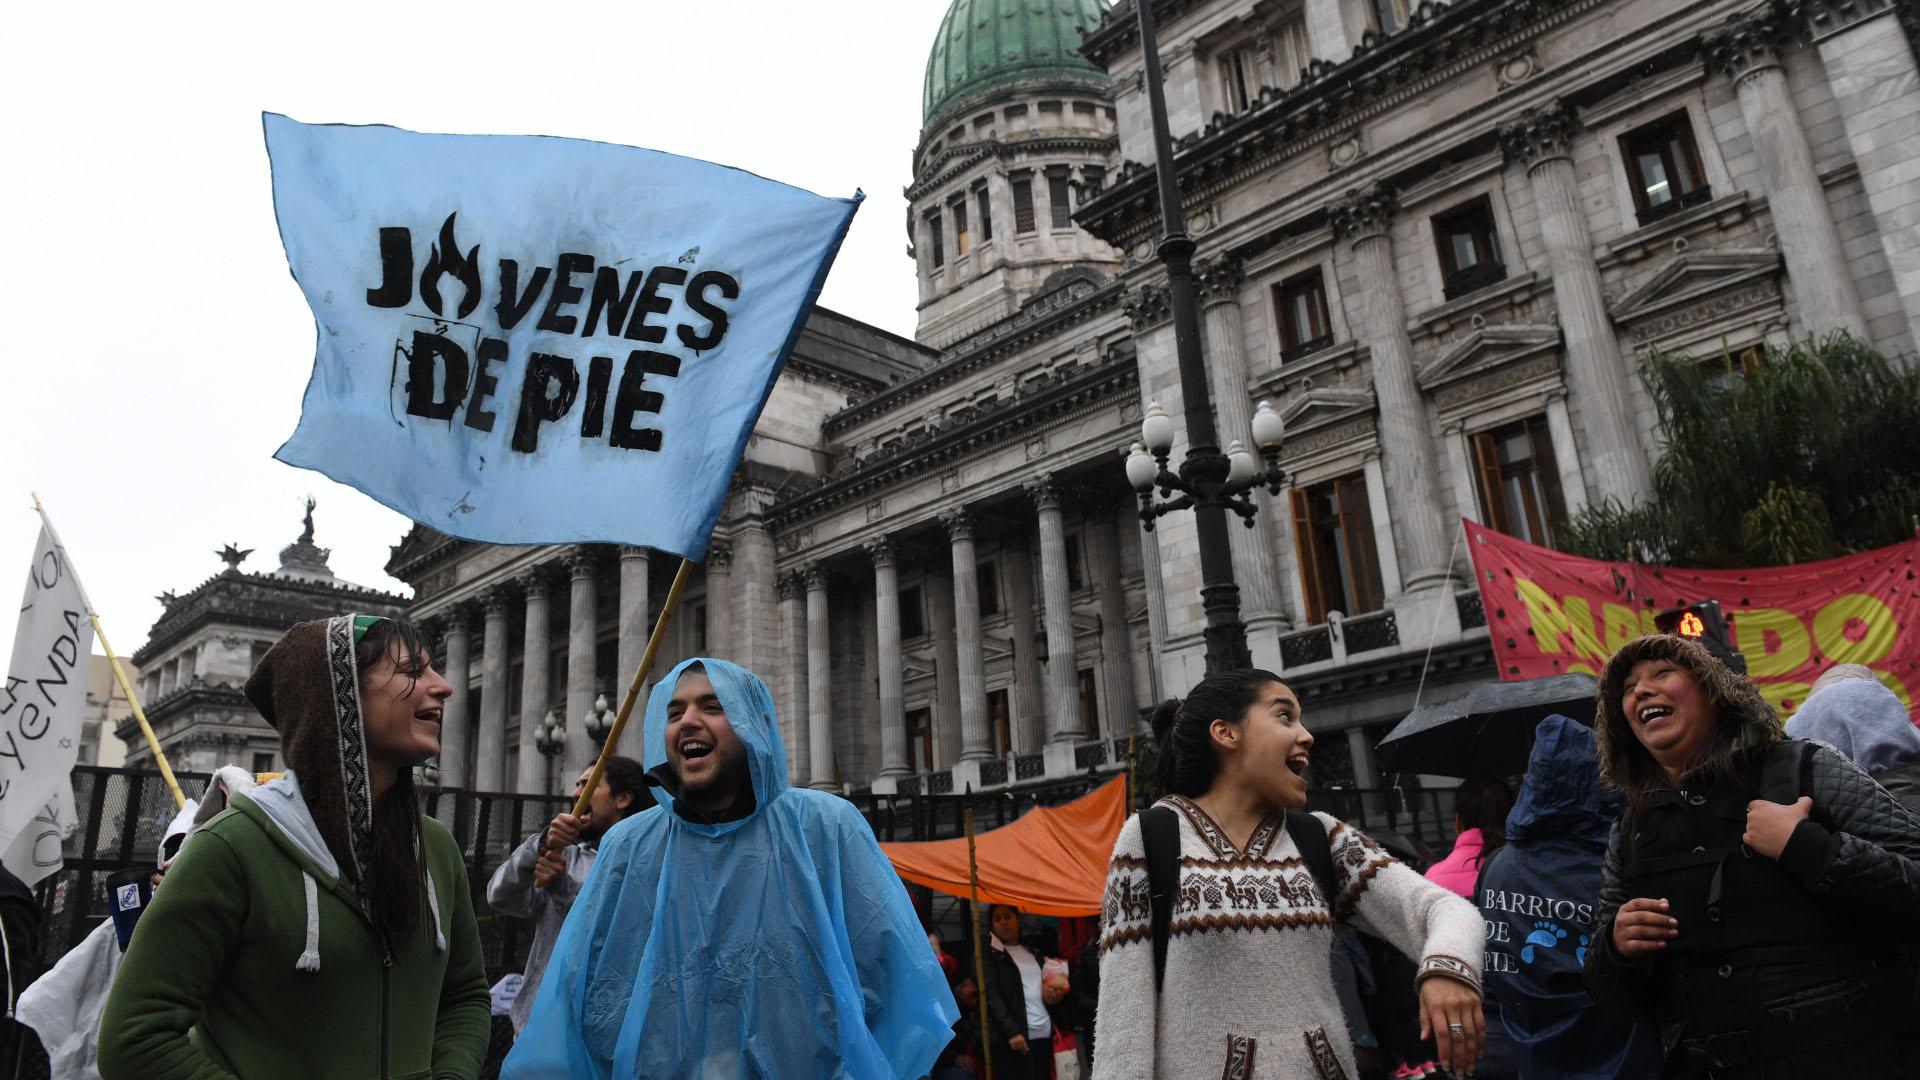 Bajo la lluvia: los manifestantes siguen el debate frente al Congreso (foto: Maximiliano Luna)